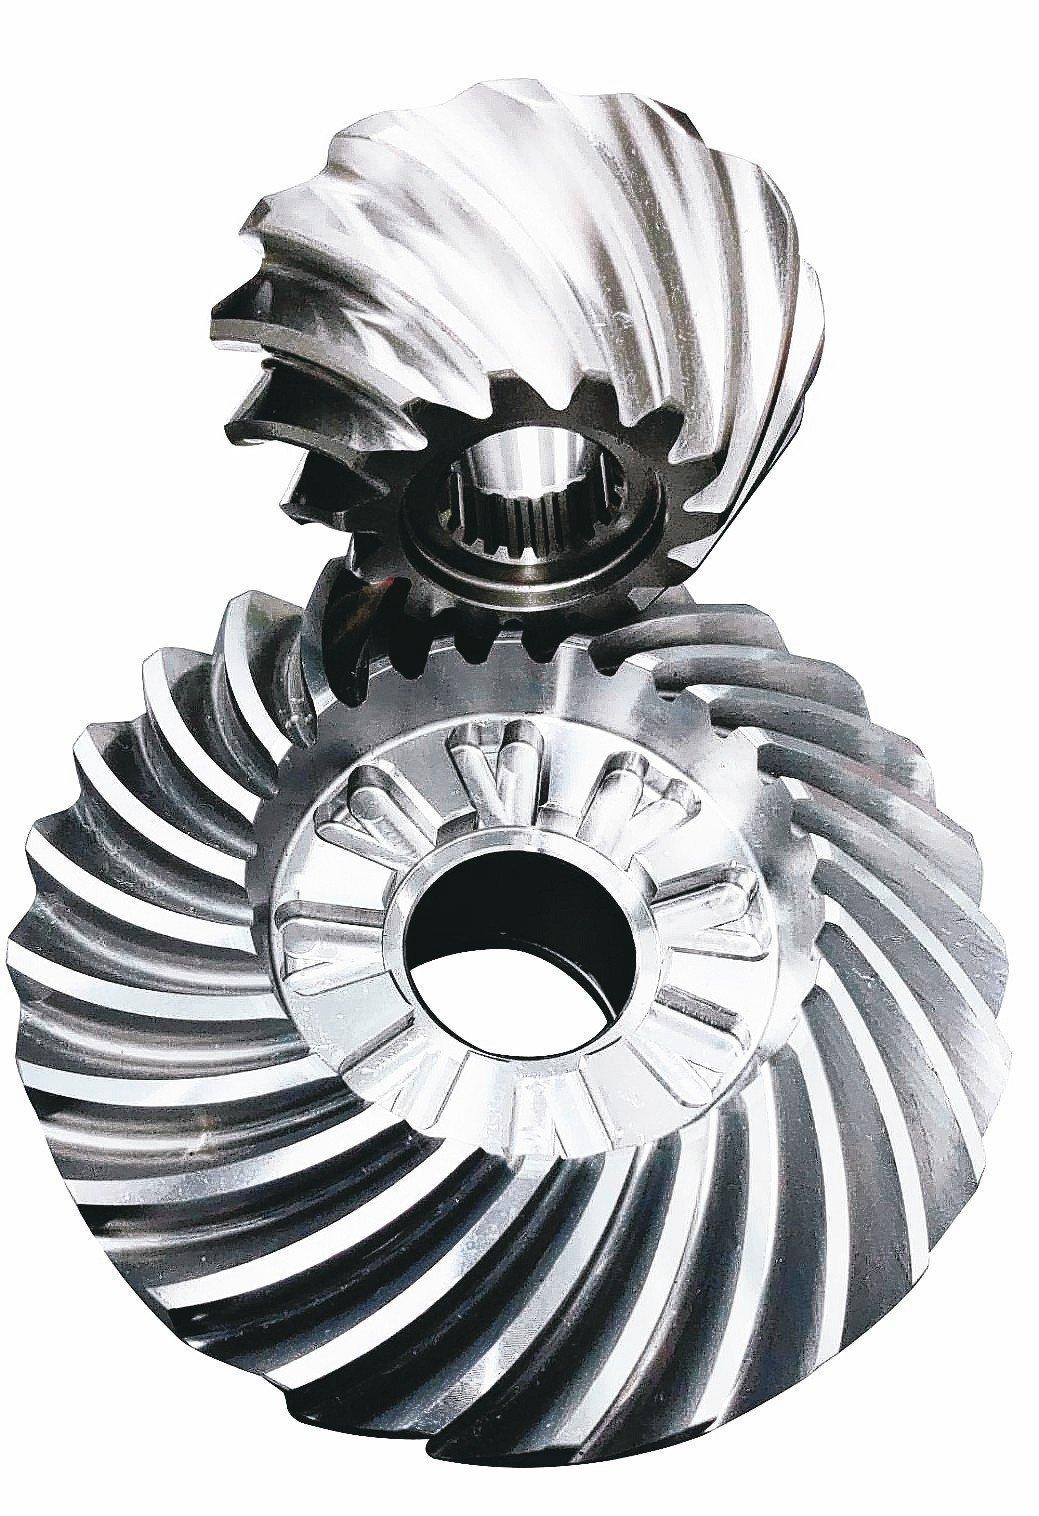 豪倫公司堪稱尖端傘形齒輪製造廠家。 吳青常/攝影